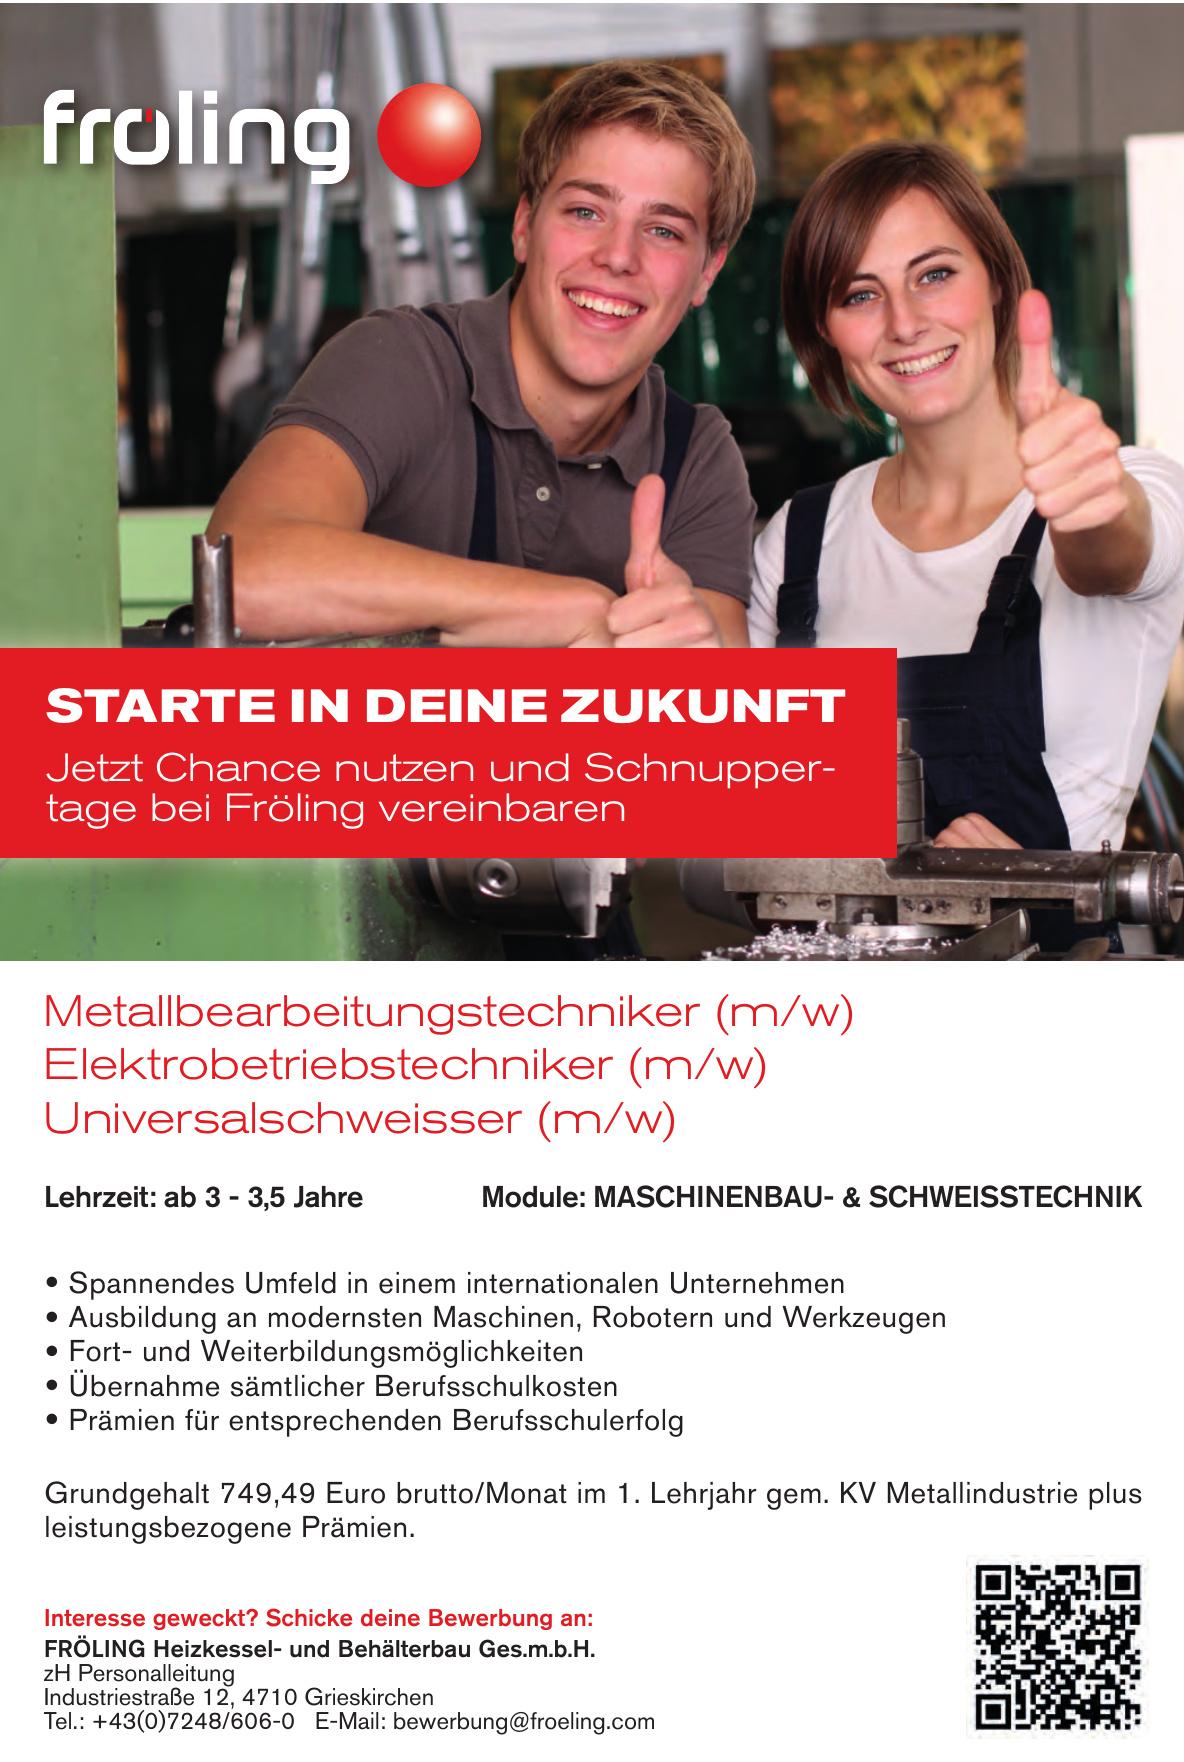 FRÖLING Heizkessel- und Behälterbau Ges.m.b.H.